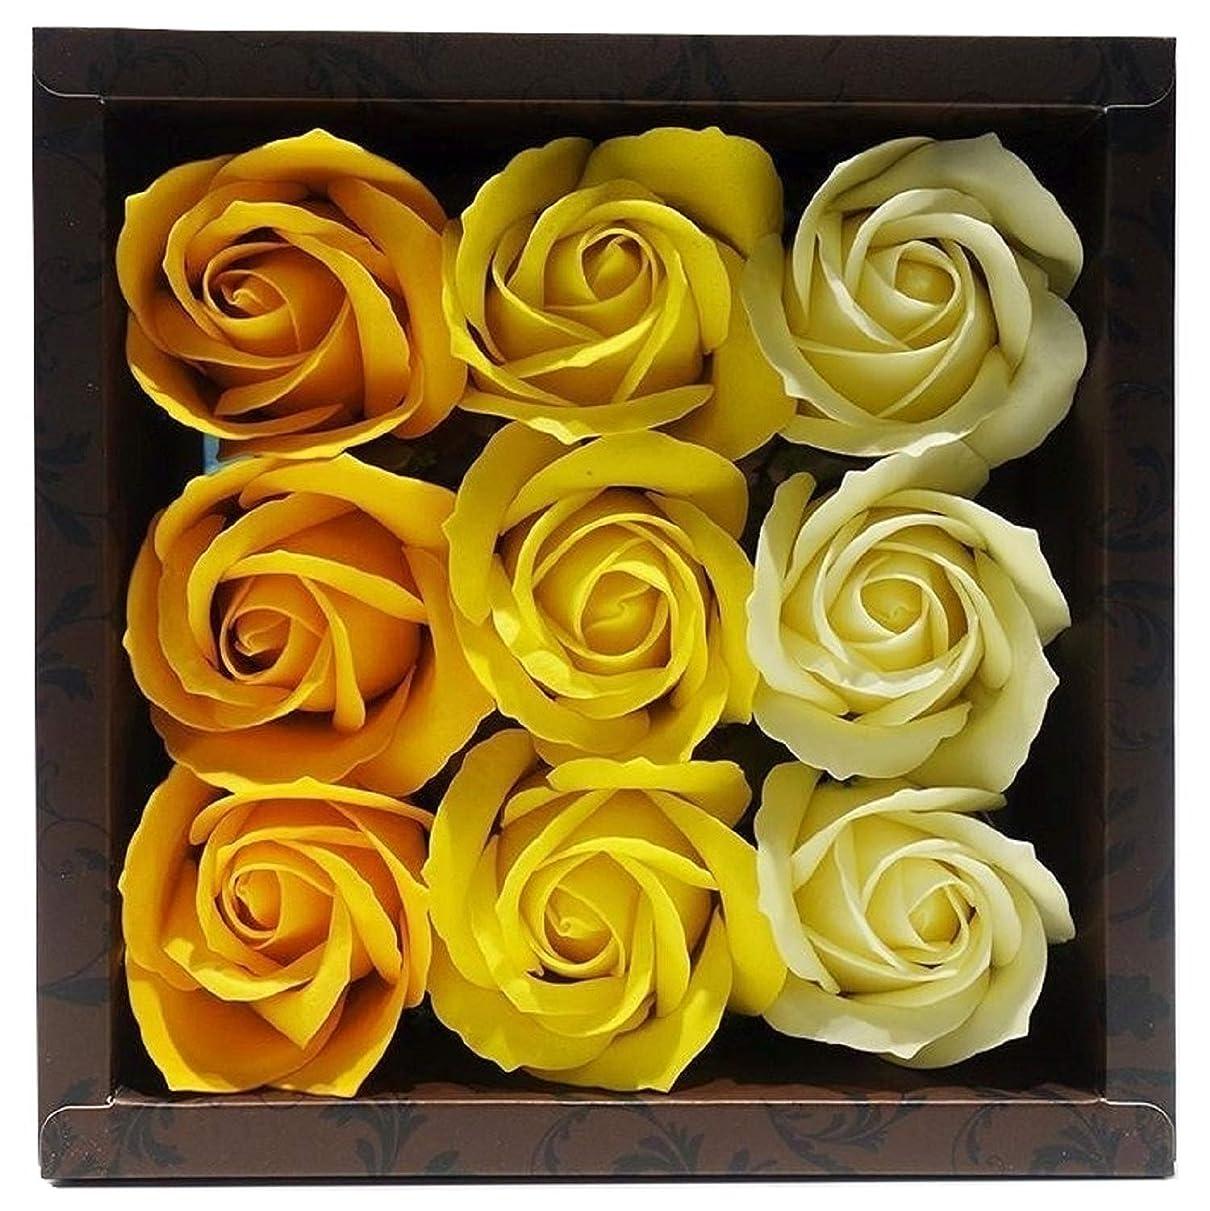 しょっぱい匹敵します受賞バスフレグランス バスフラワー ローズフレグランス イエローカラー ギフト お花の形の入浴剤